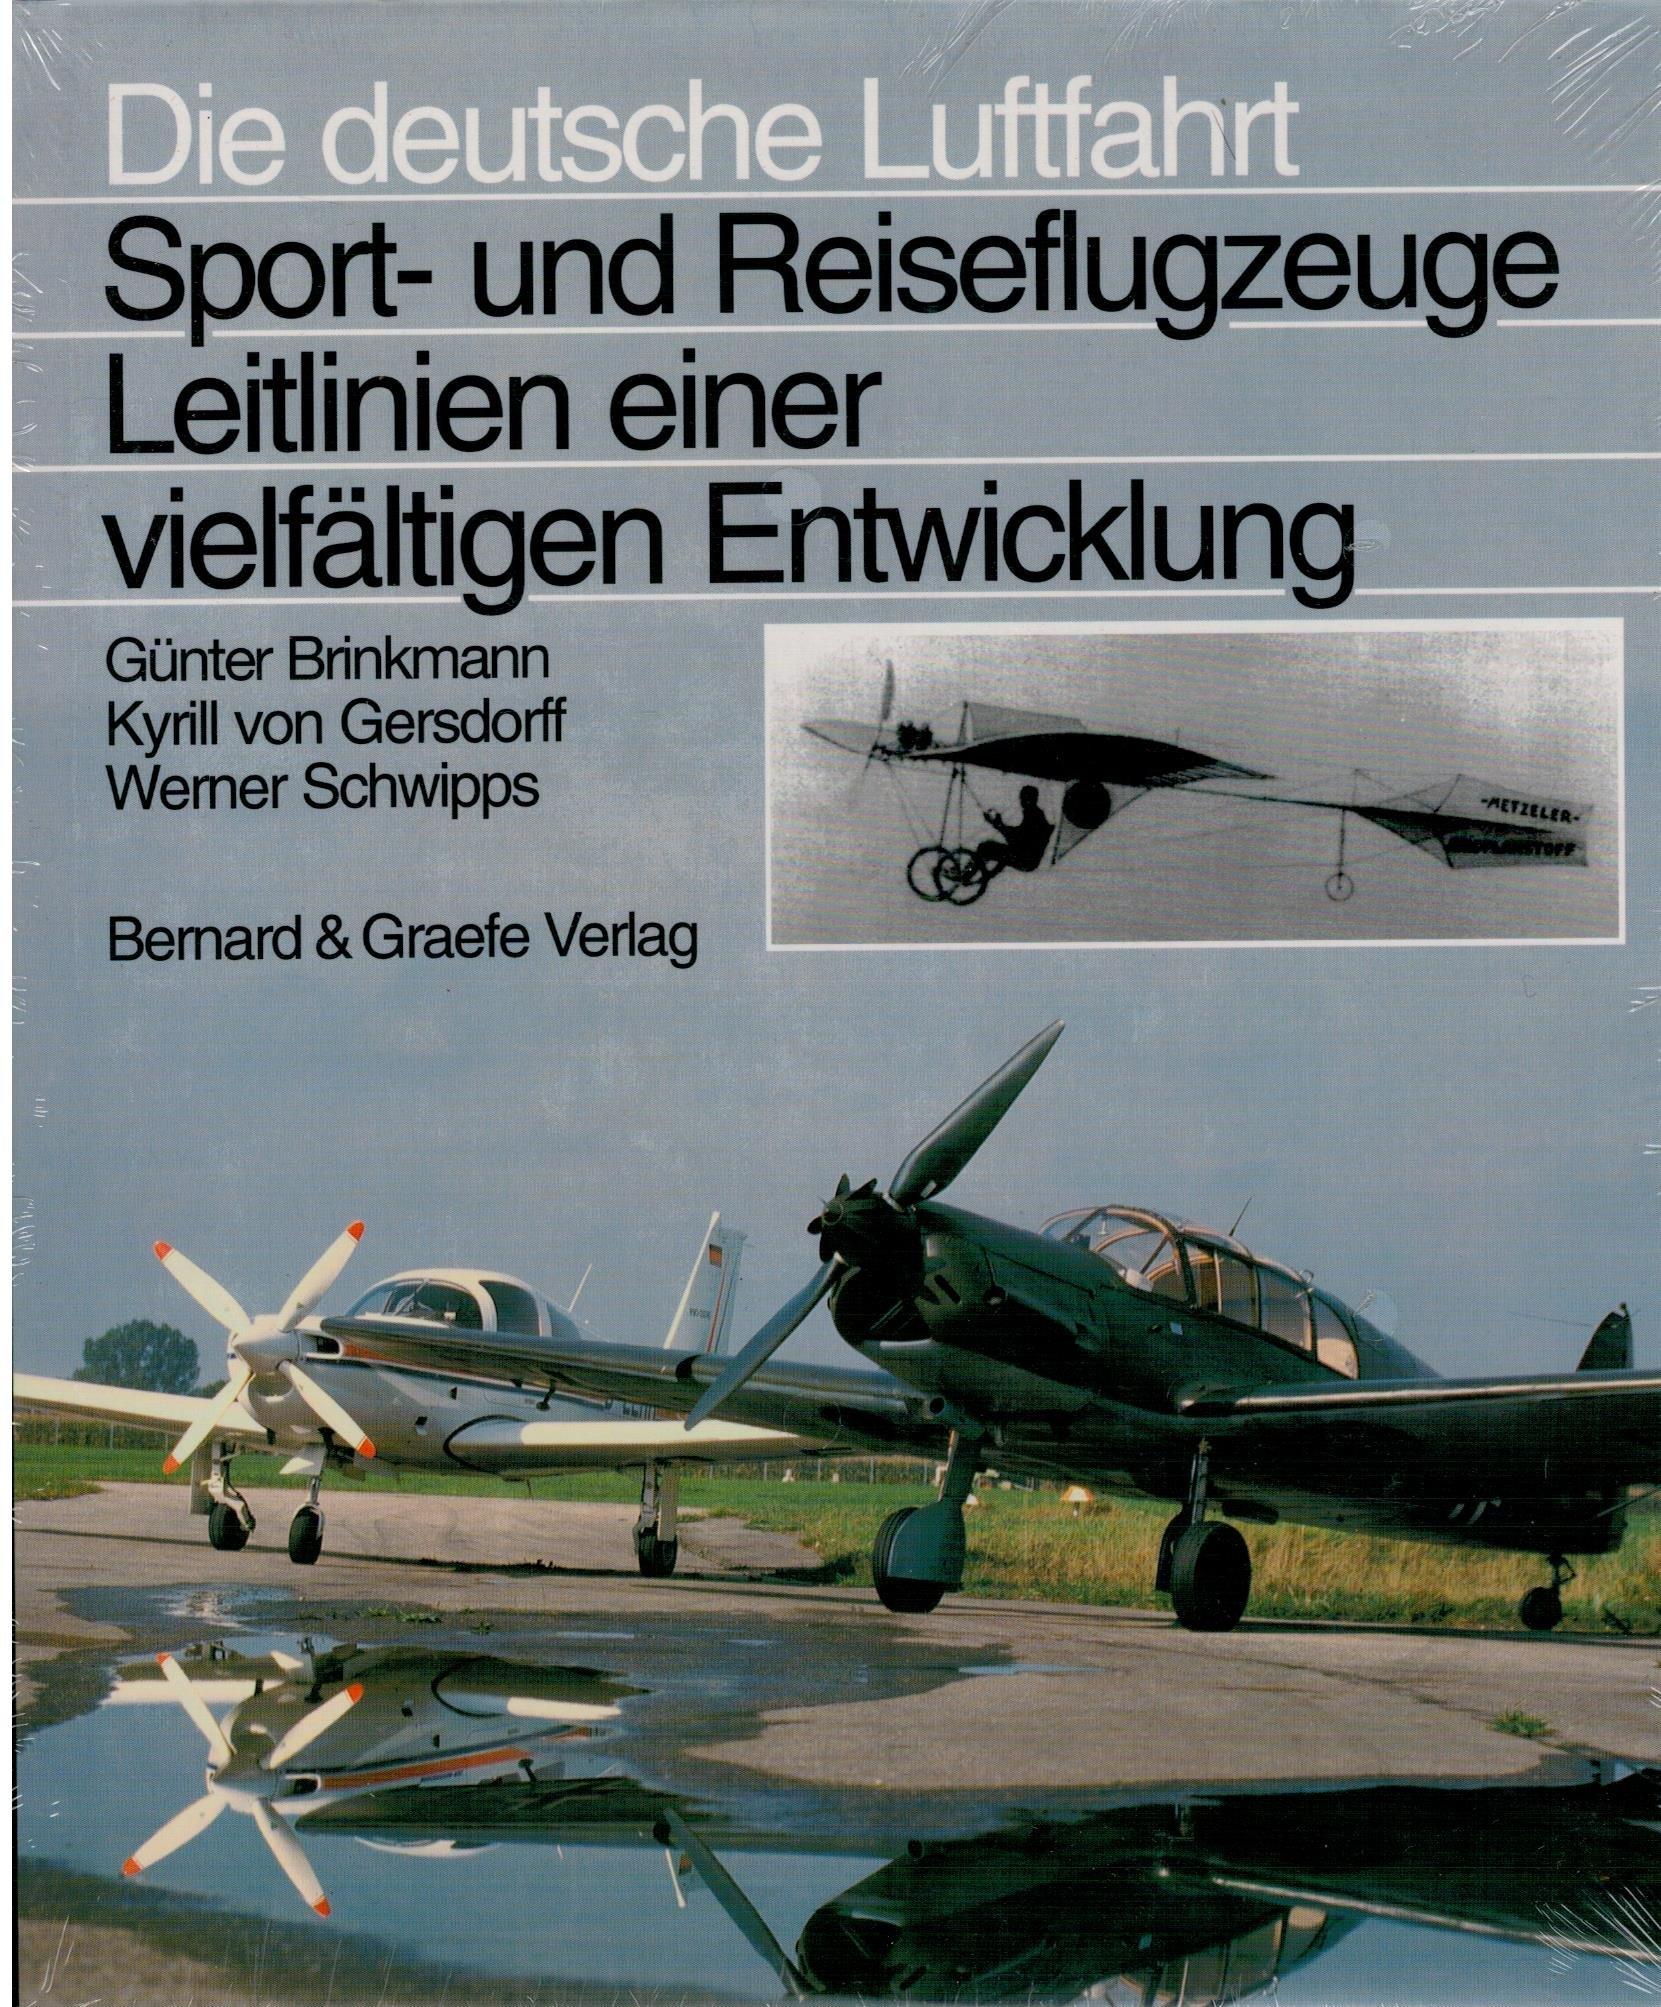 Sport- und Reiseflugzeuge: Leitlinien einer vielfältigen Entwicklung